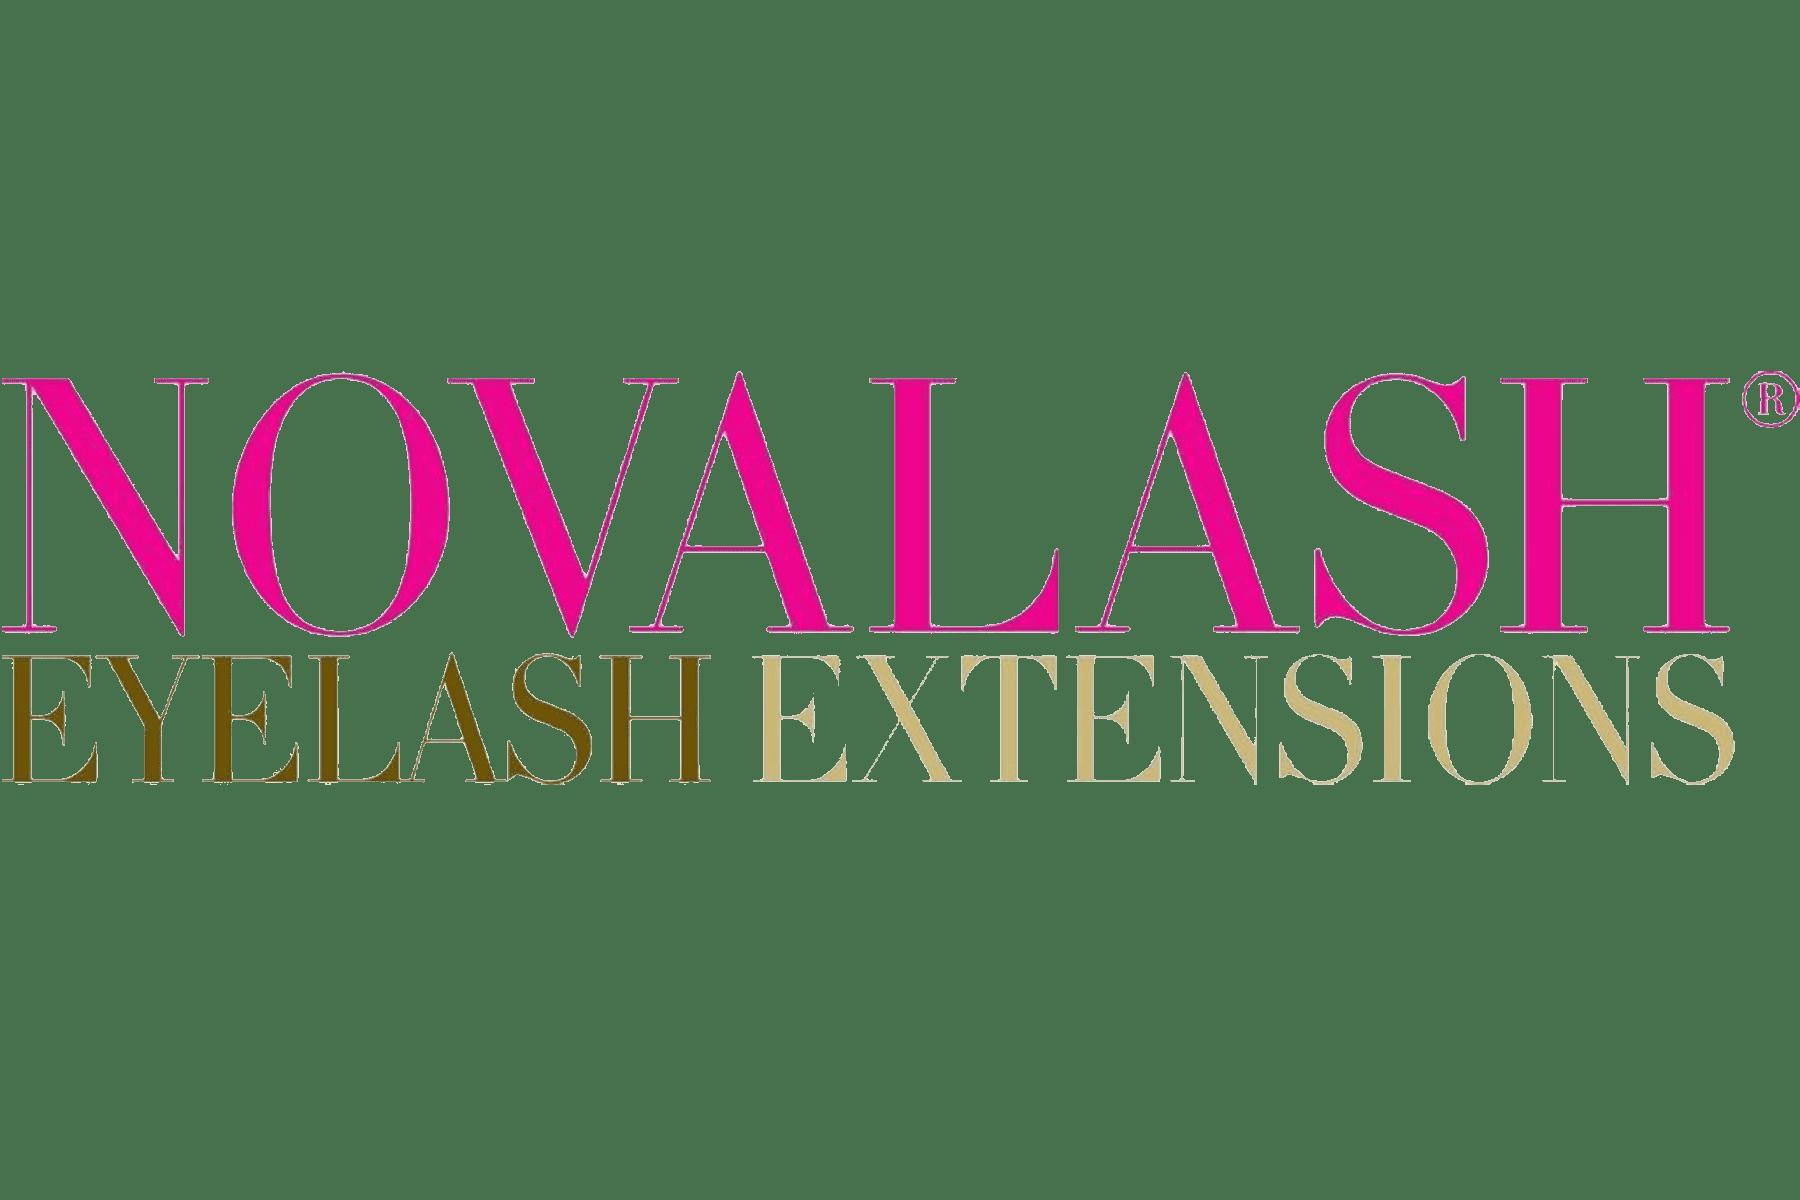 Nova Eyelash Extensions